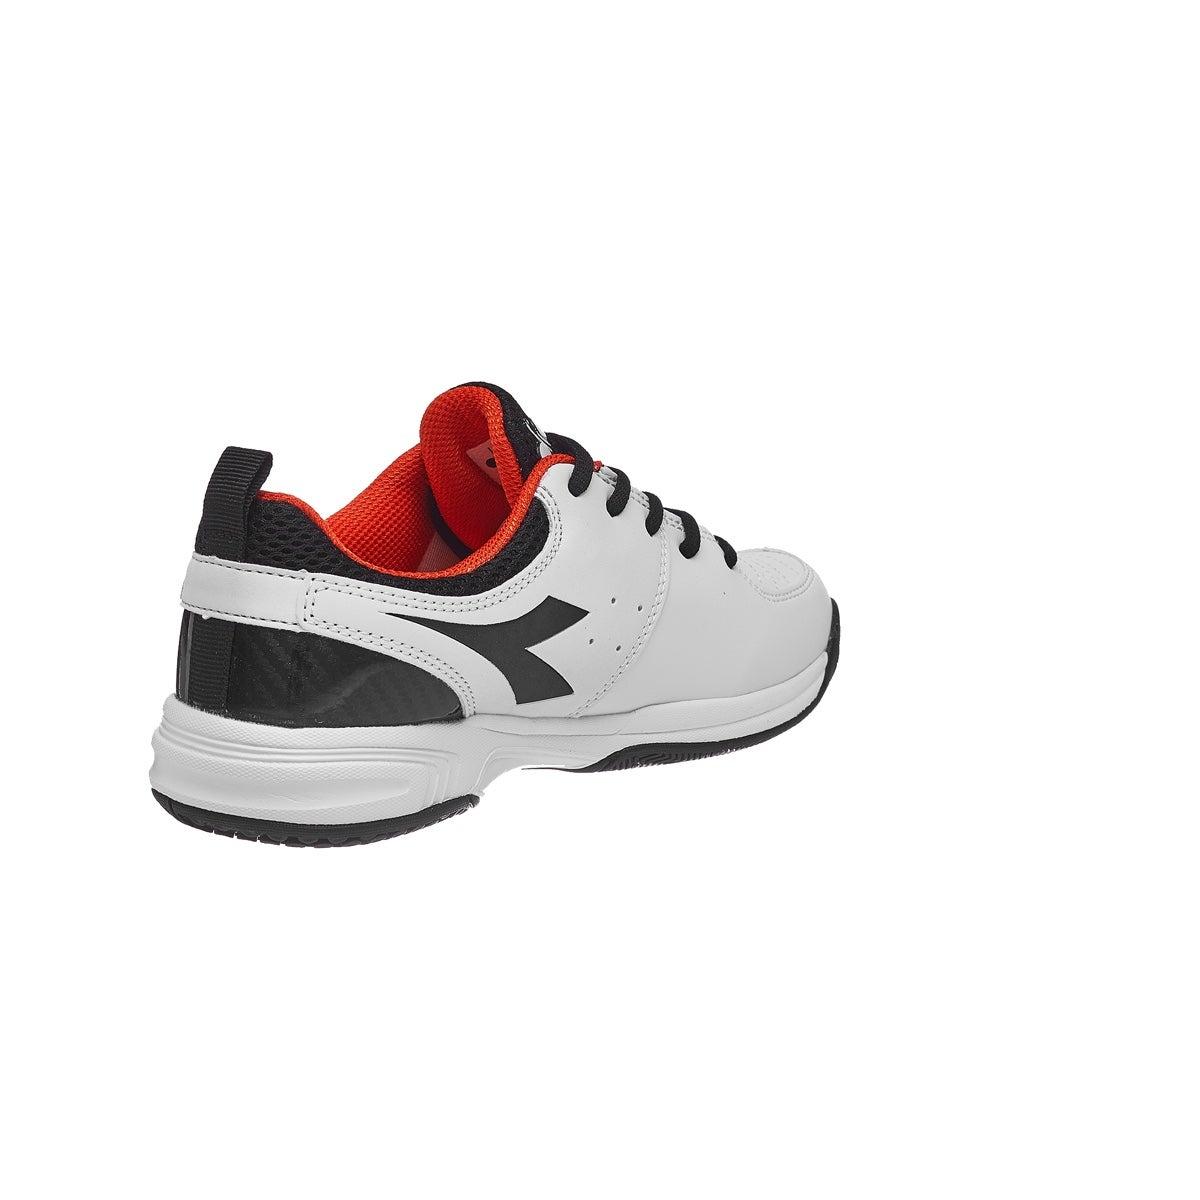 45f42030 Diadora S.Fly 2 White/Black Junior Shoes 360° View